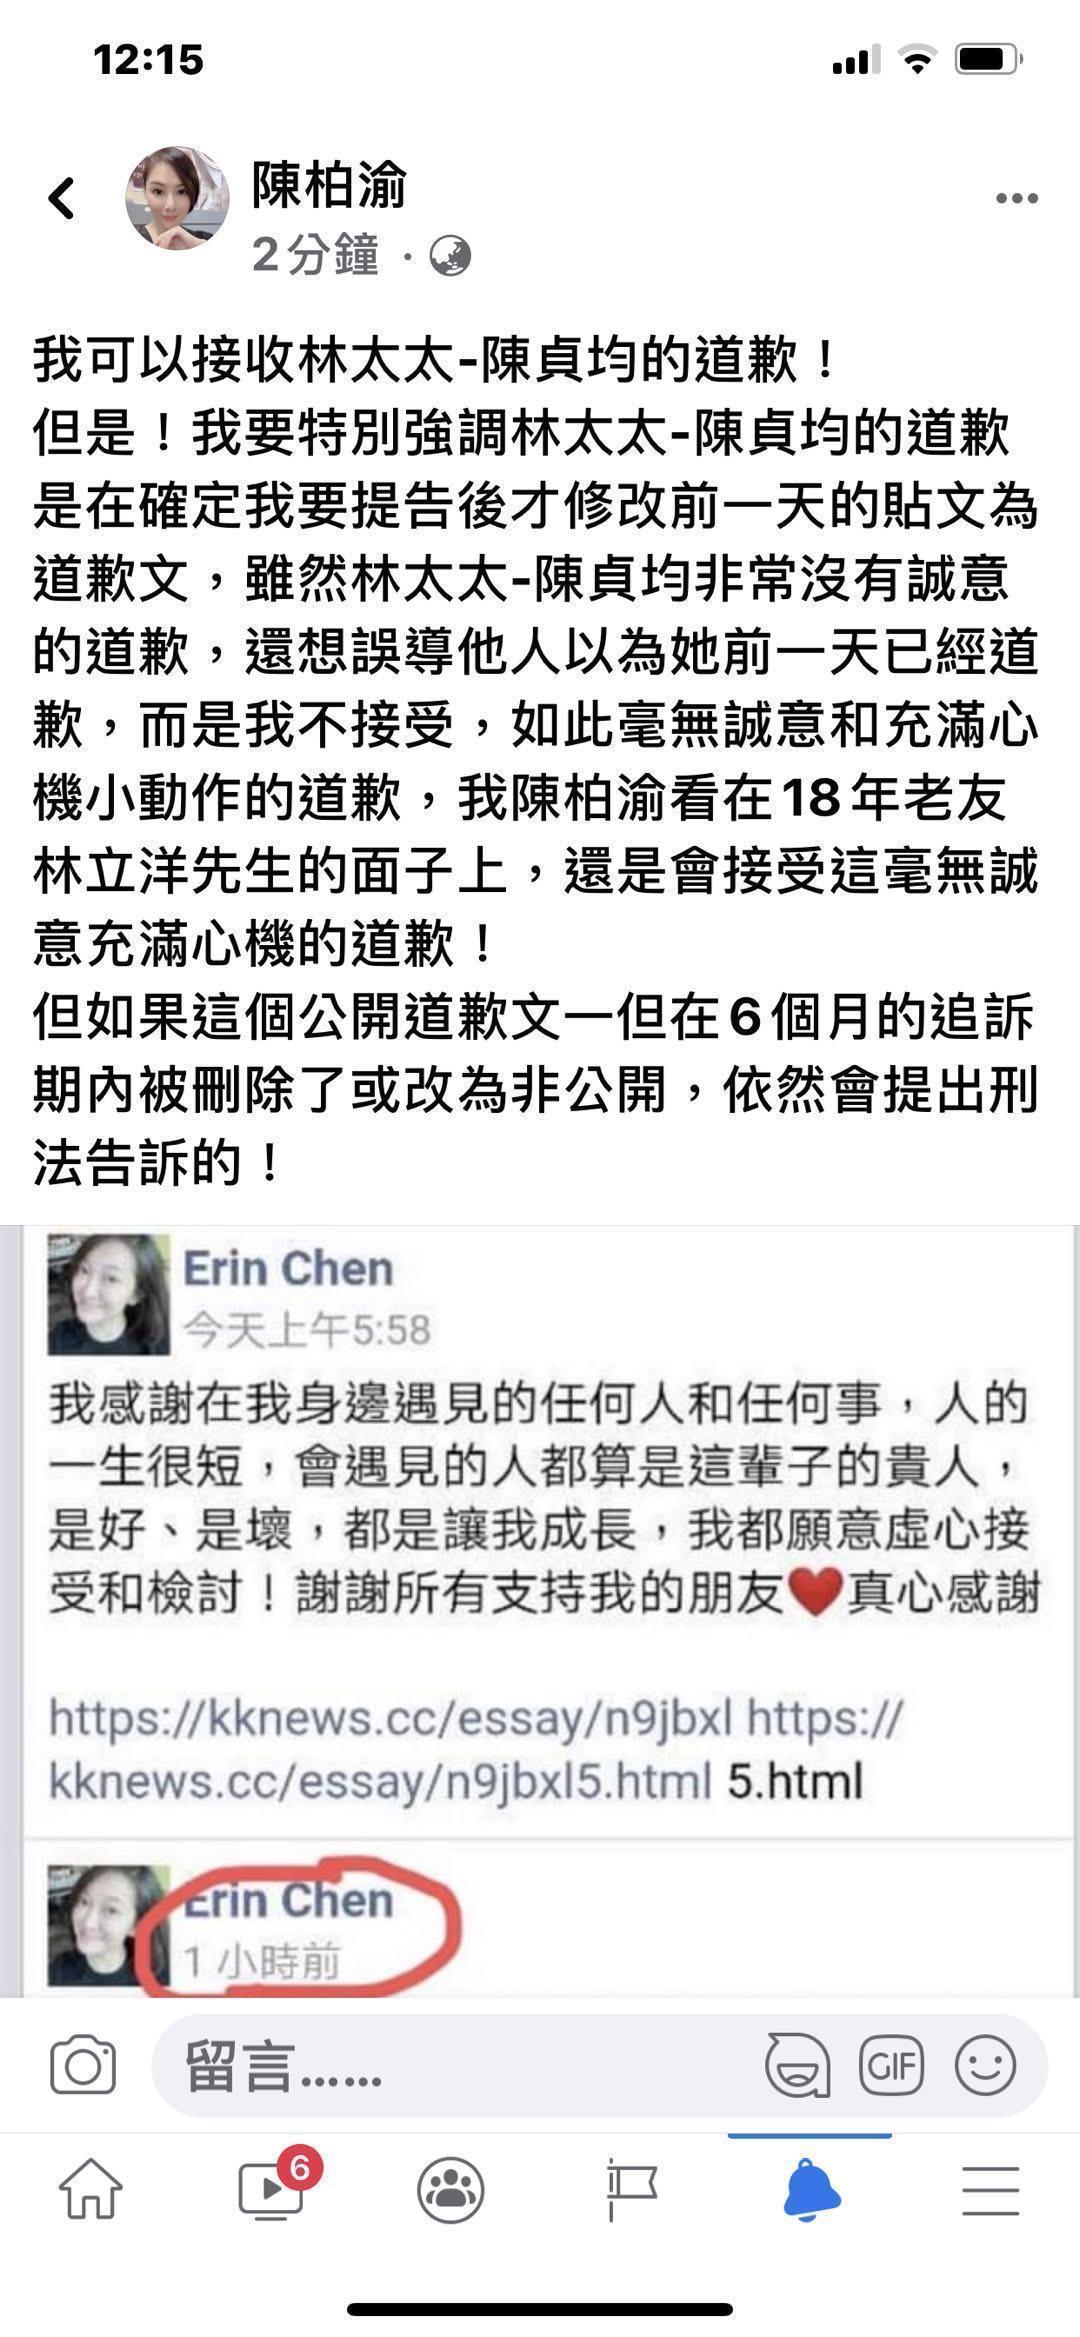 陳柏渝要求陳貞均的道歉文需公開露出6個月且不得刪文,否則依然會提告。(翻攝自陳柏渝臉書)